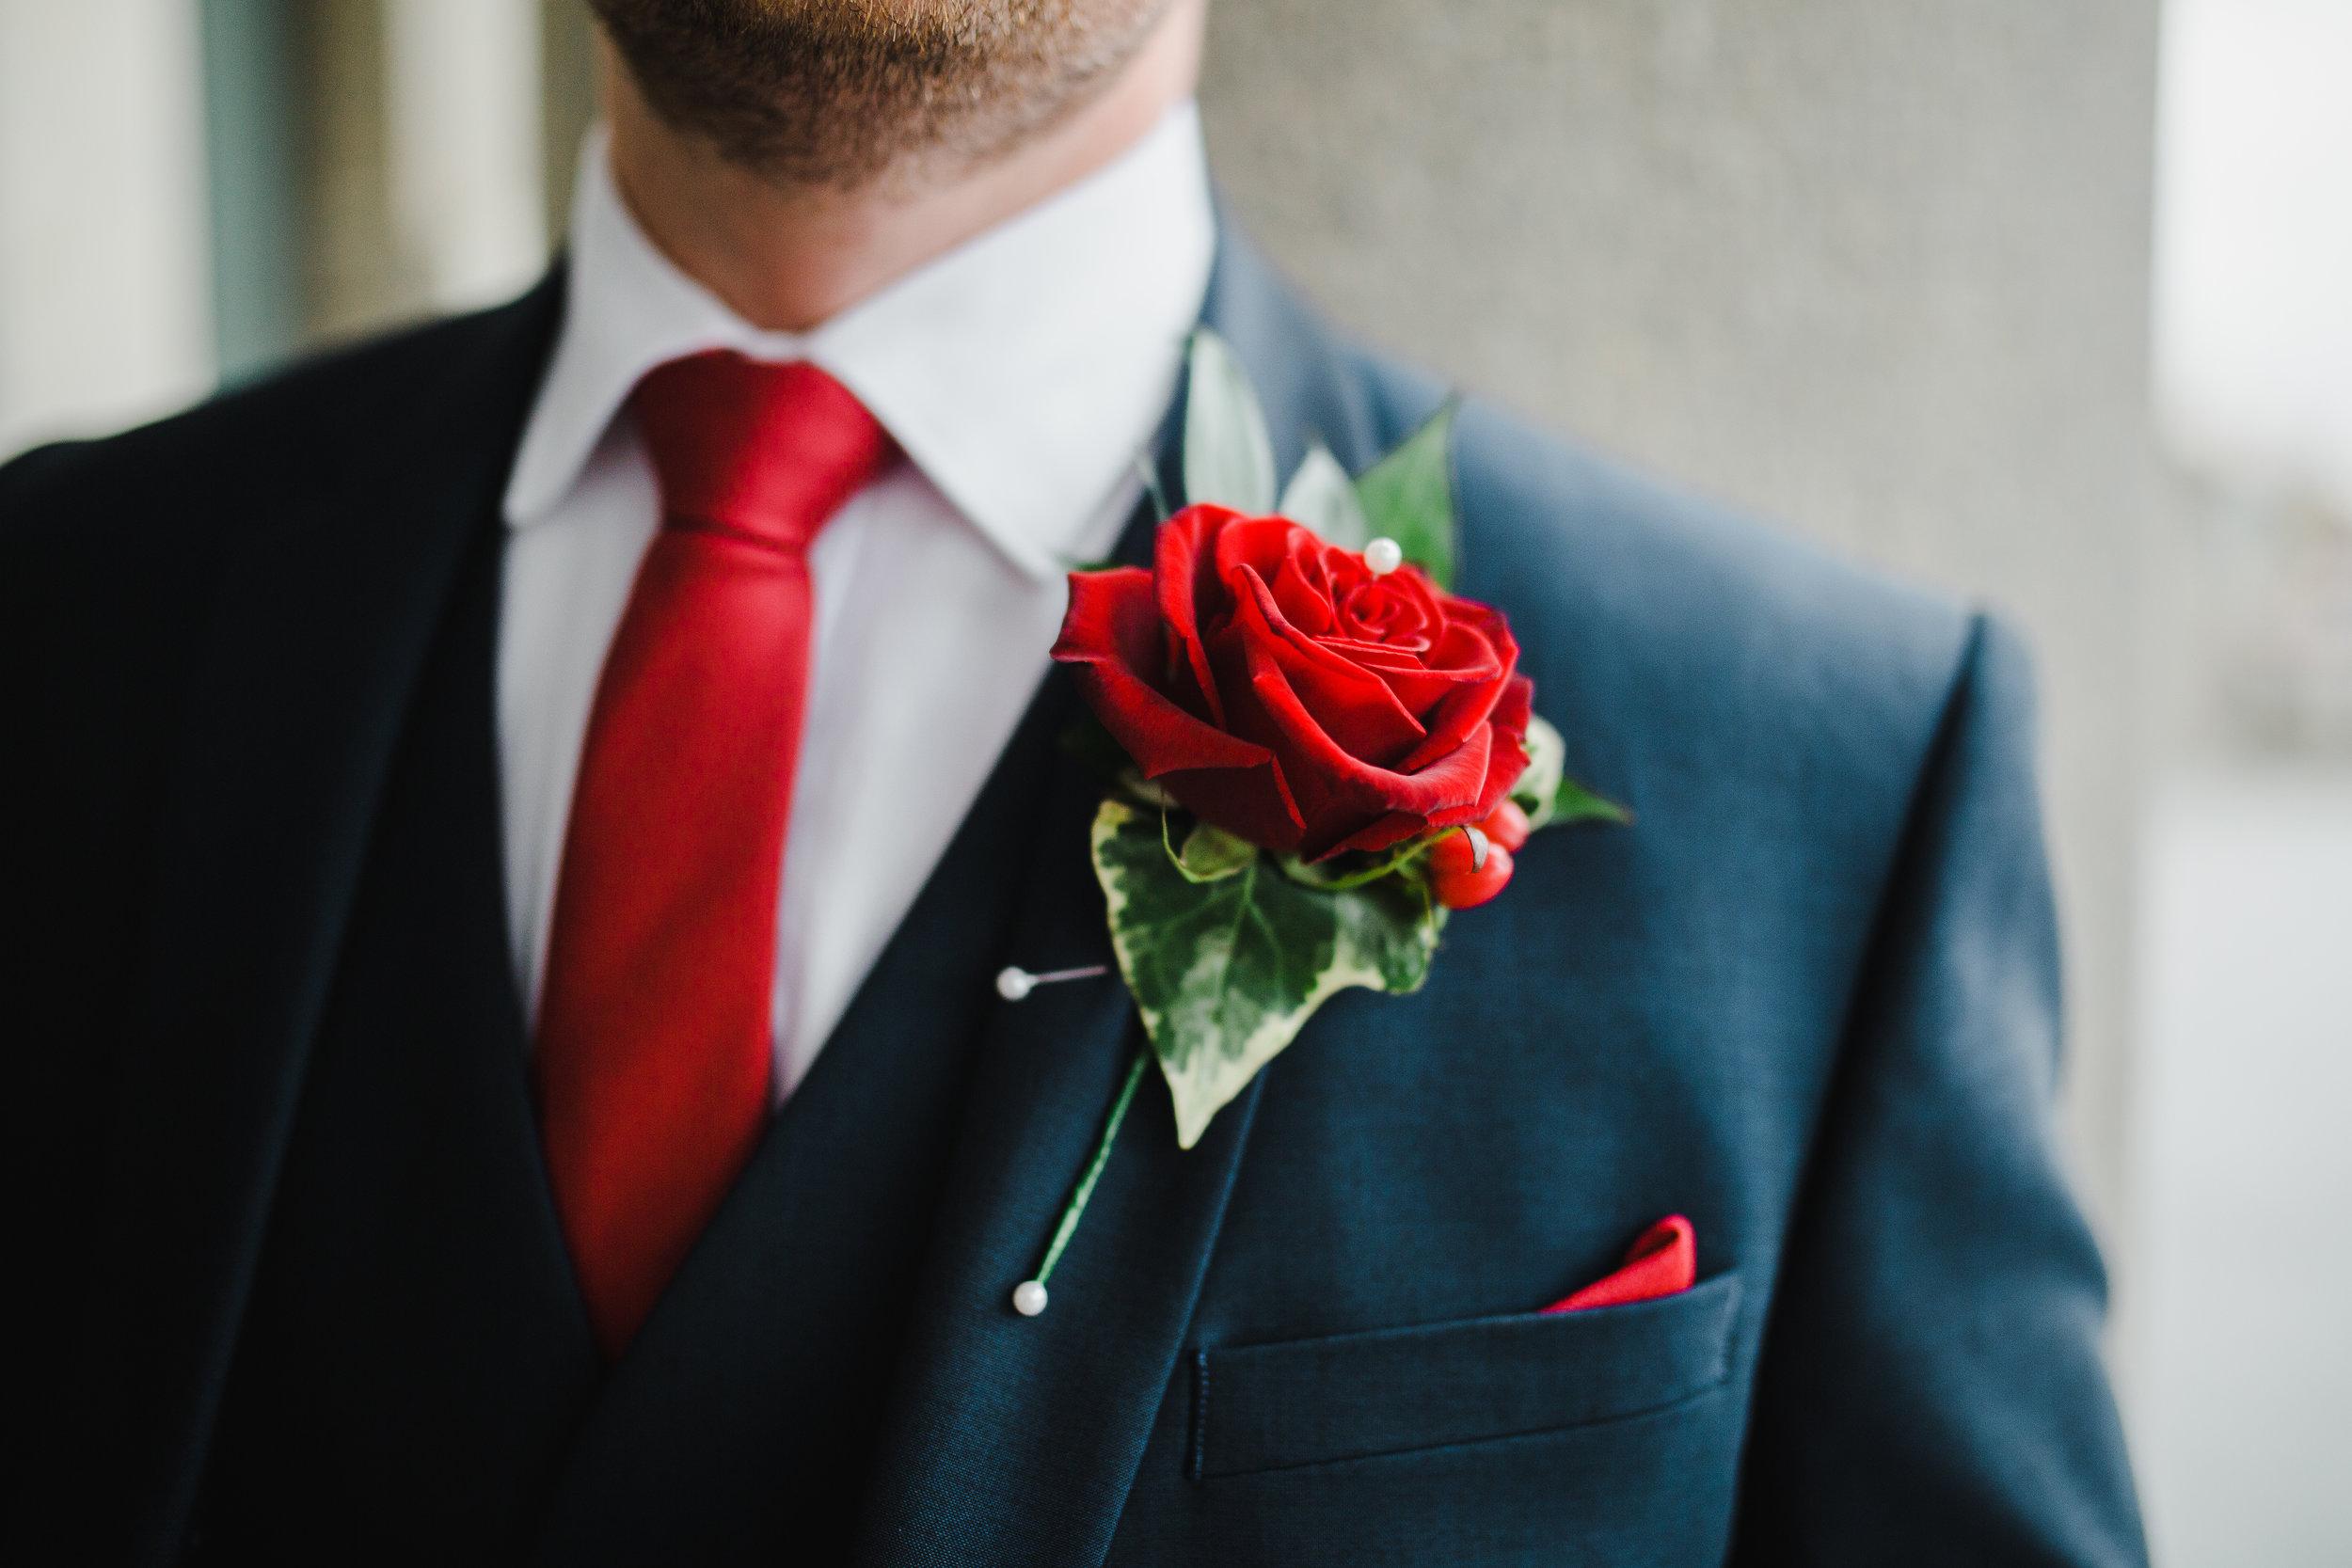 groomswear details